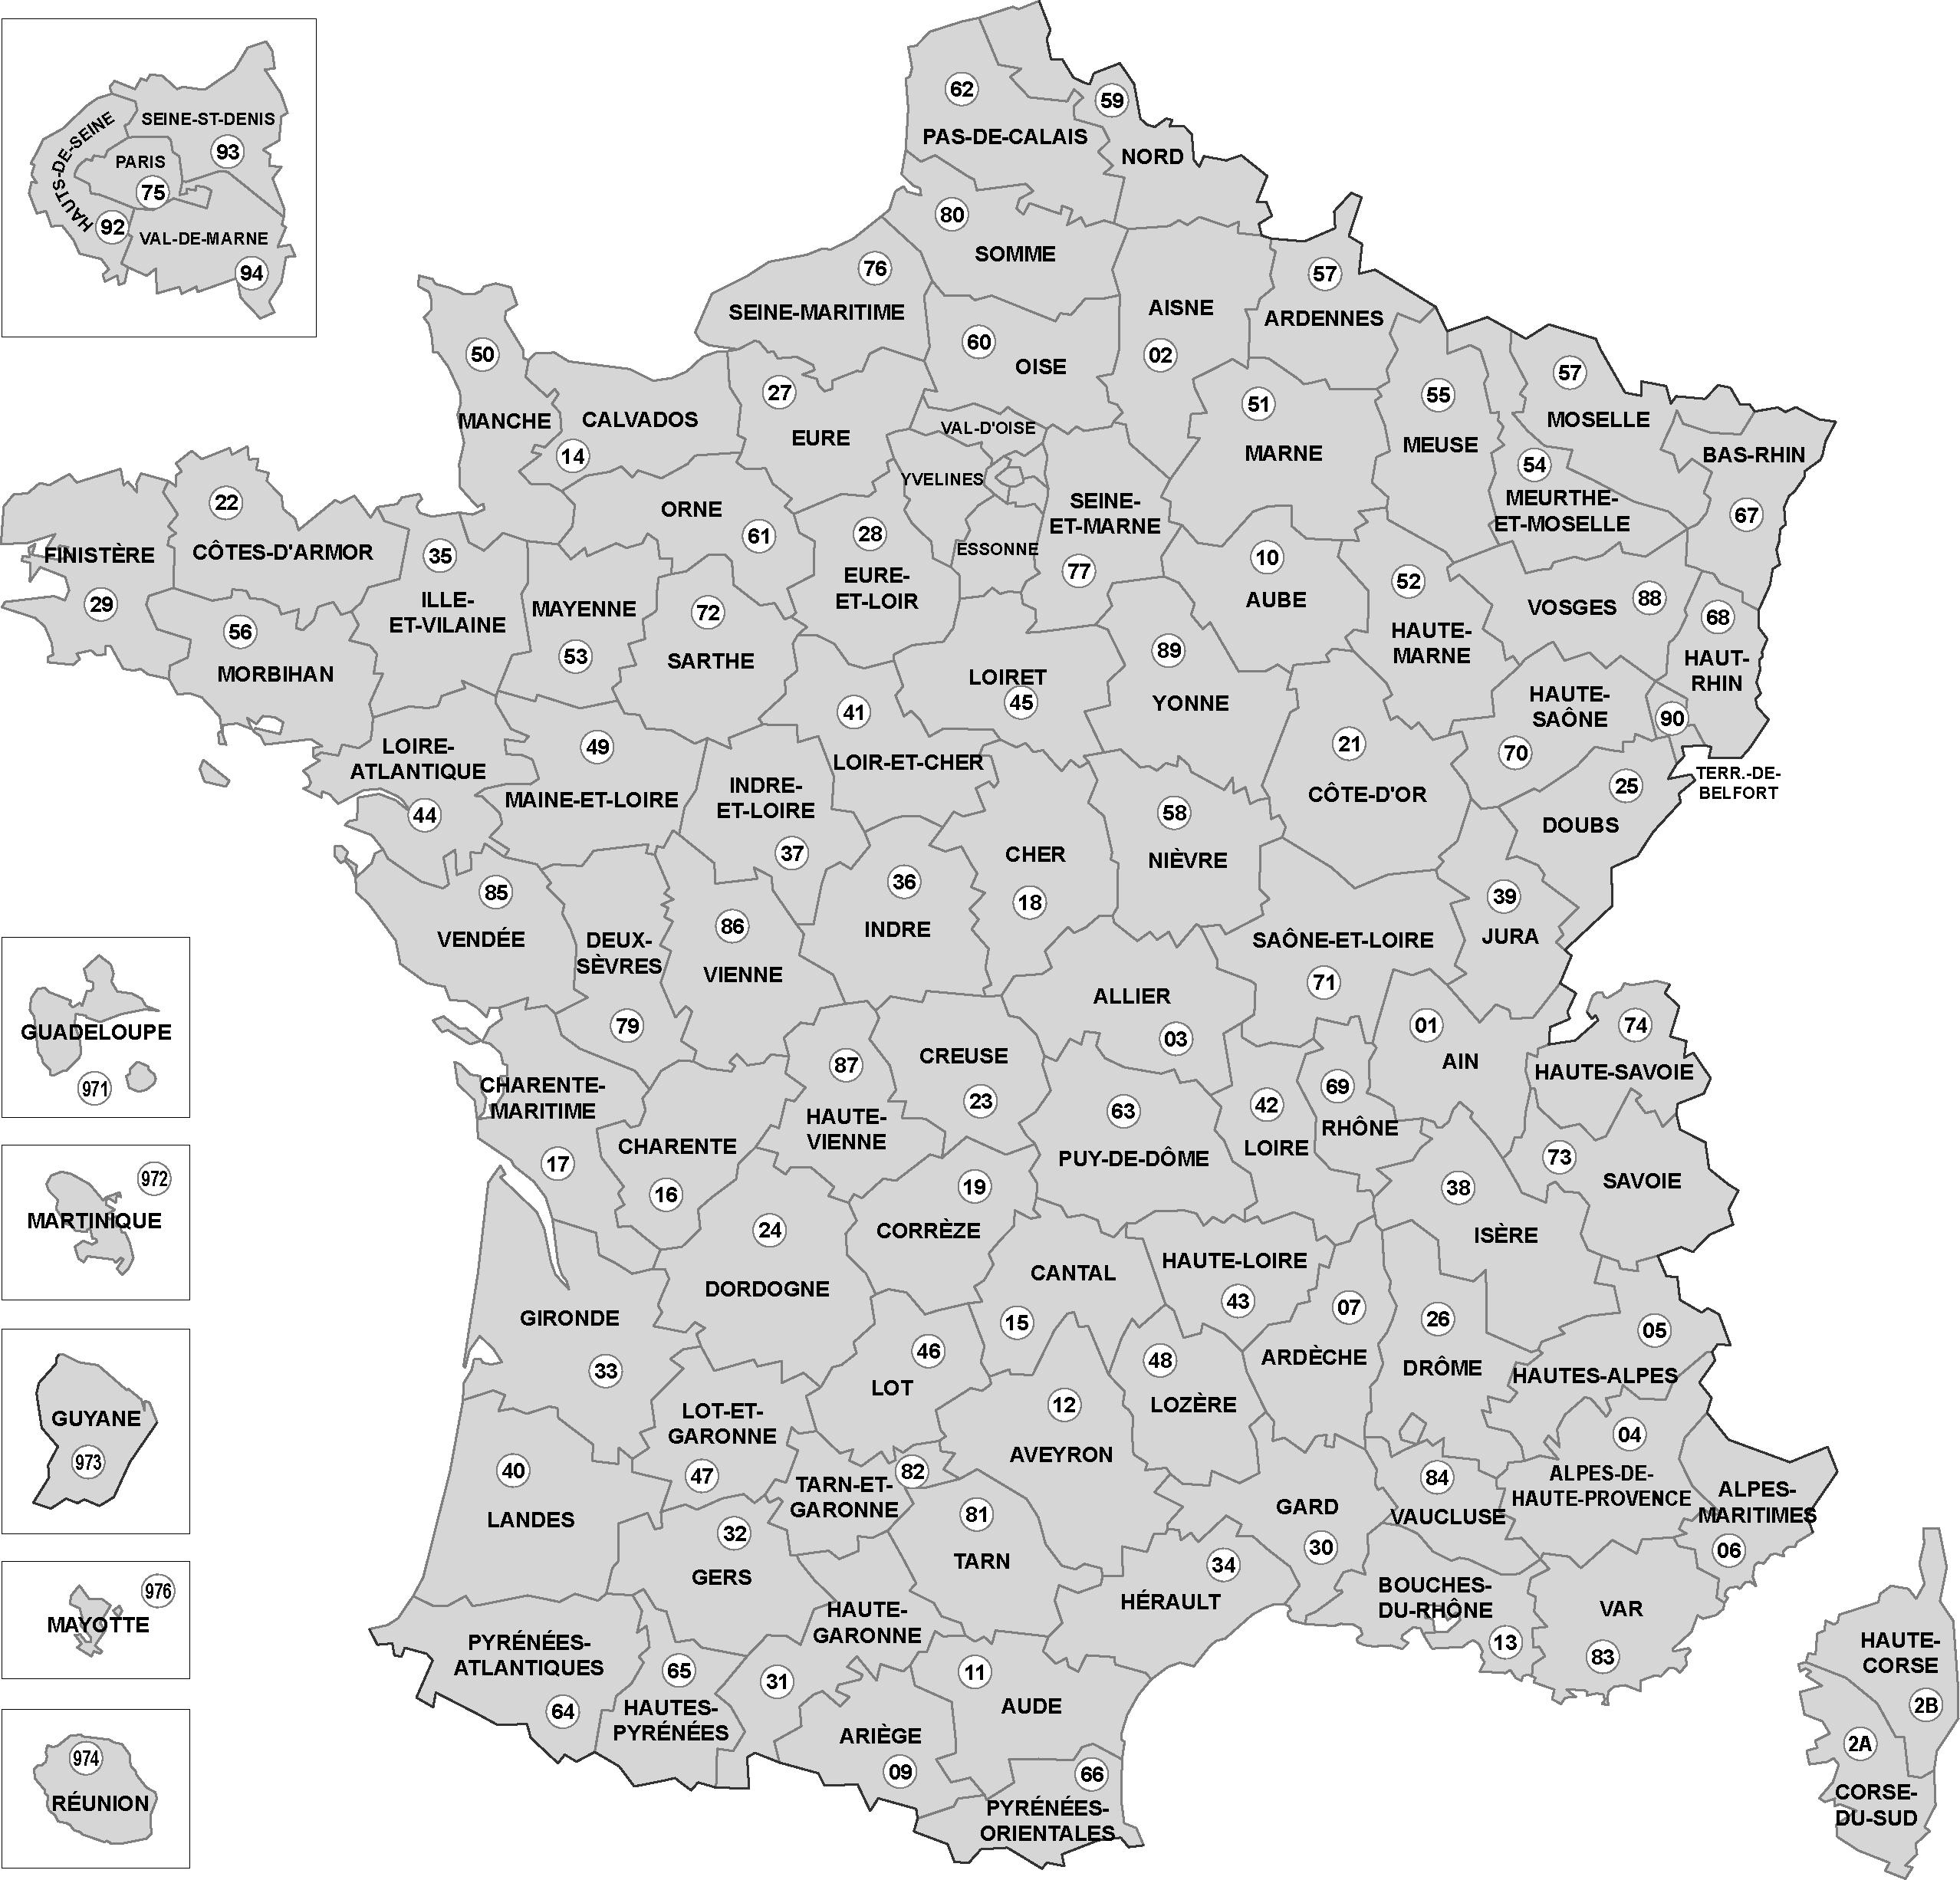 Carte departements francais